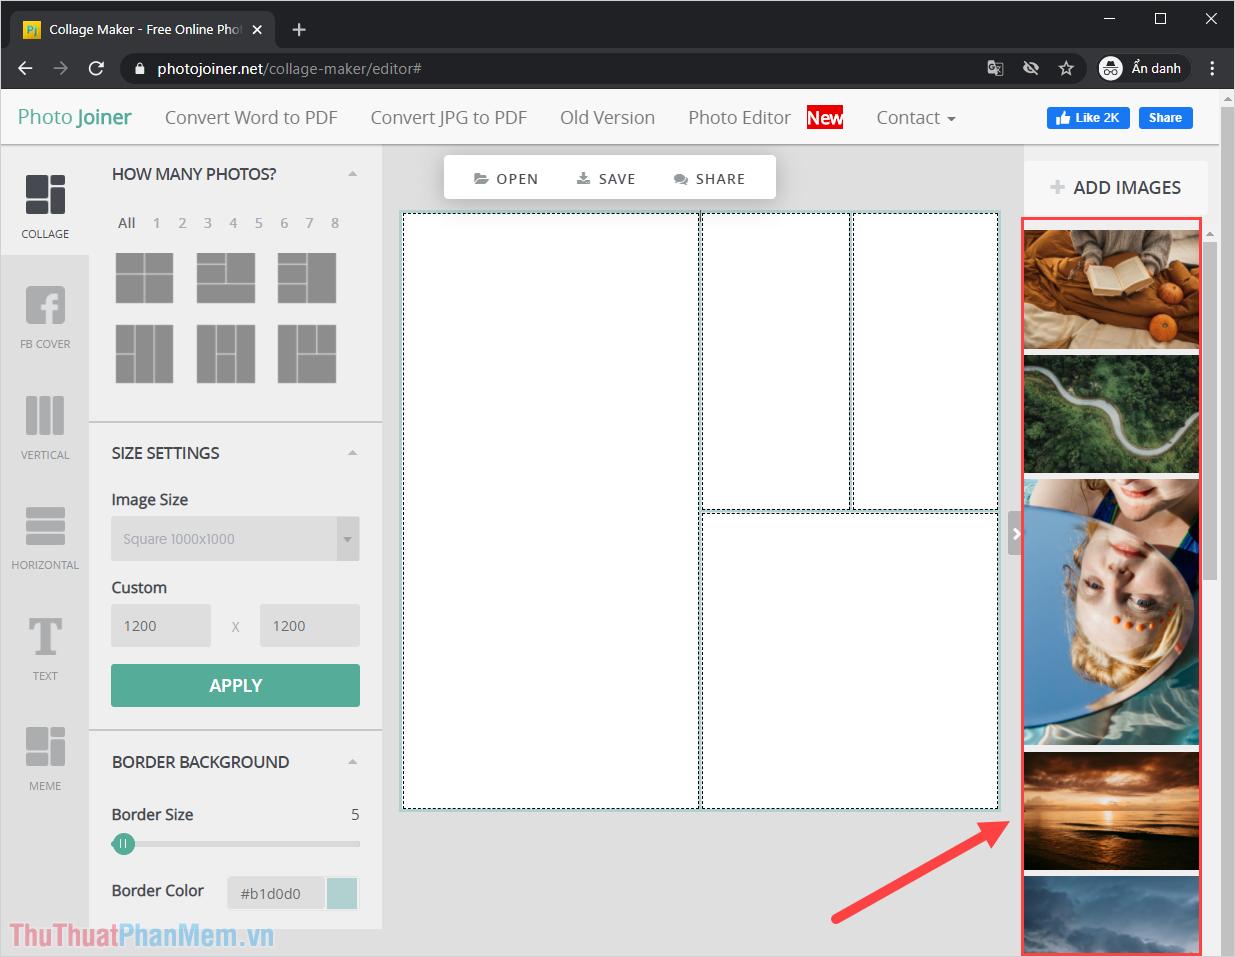 Hình ảnh sau khi được tải lên từ máy tính sẽ được hiển thị ở cột bên tay phải của giao diện làm việc